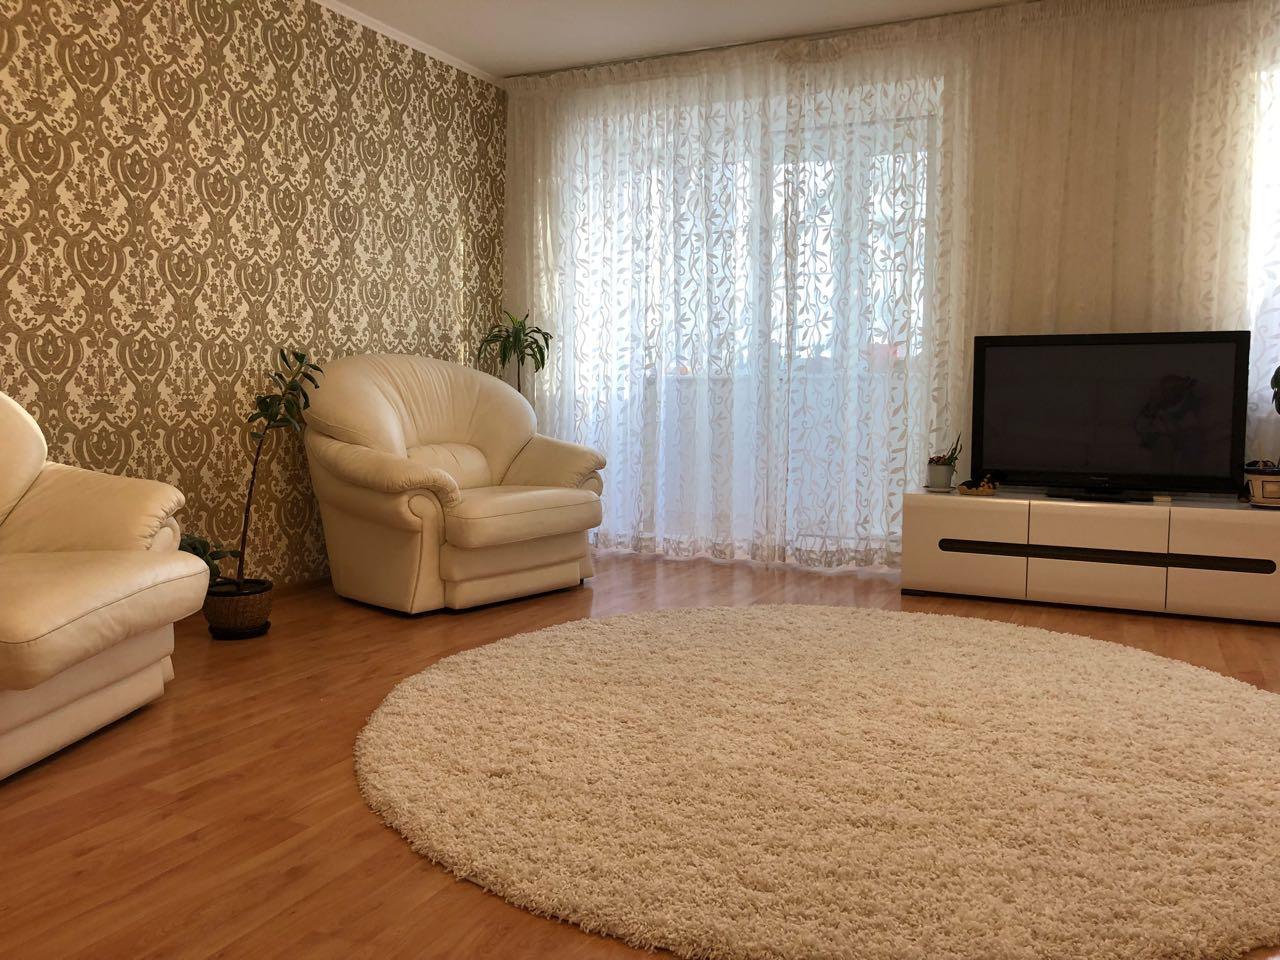 Продается 4-комнатная Квартира на ул. Екатерининская — 95 000 у.е. (фото №5)